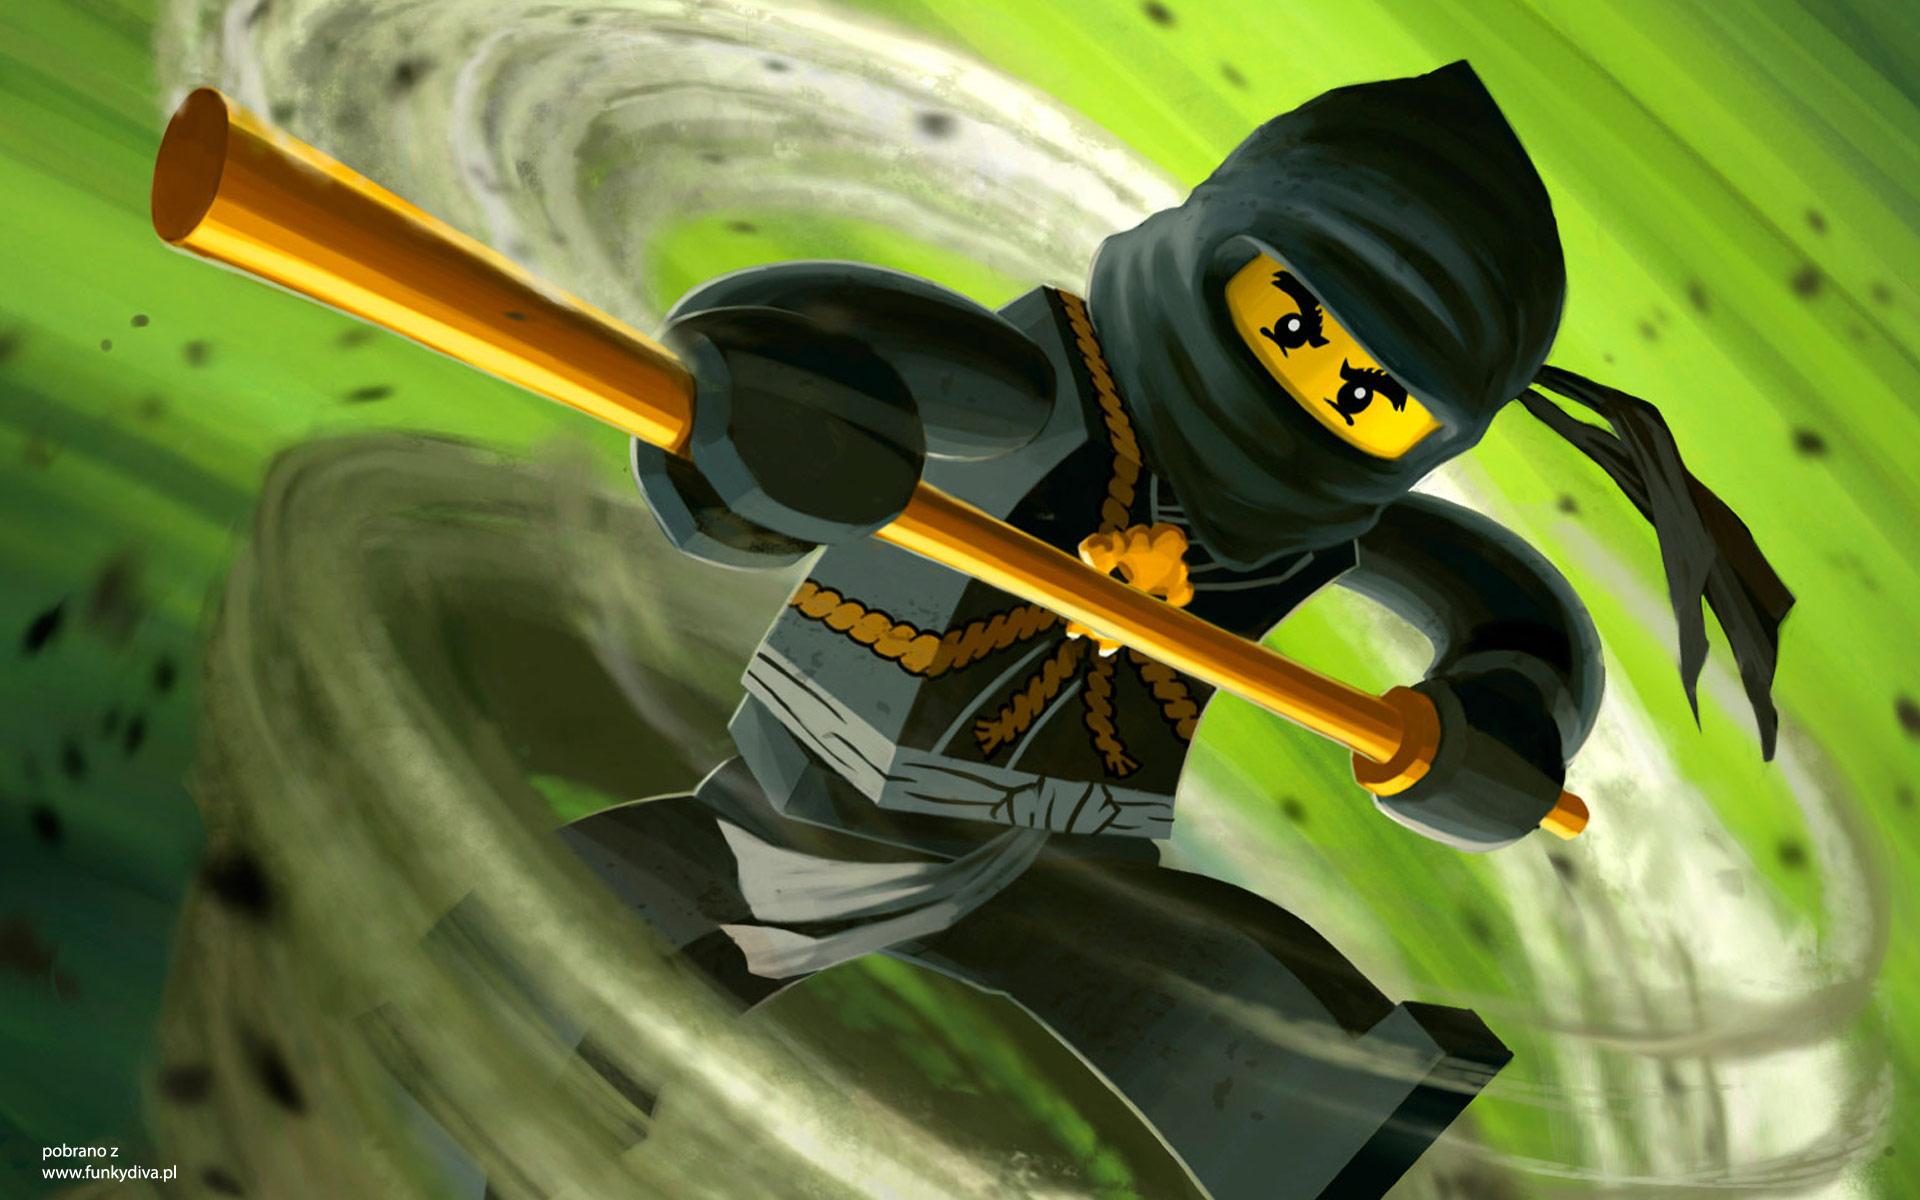 lego ninjago wallpapers hd   FD 1920x1200